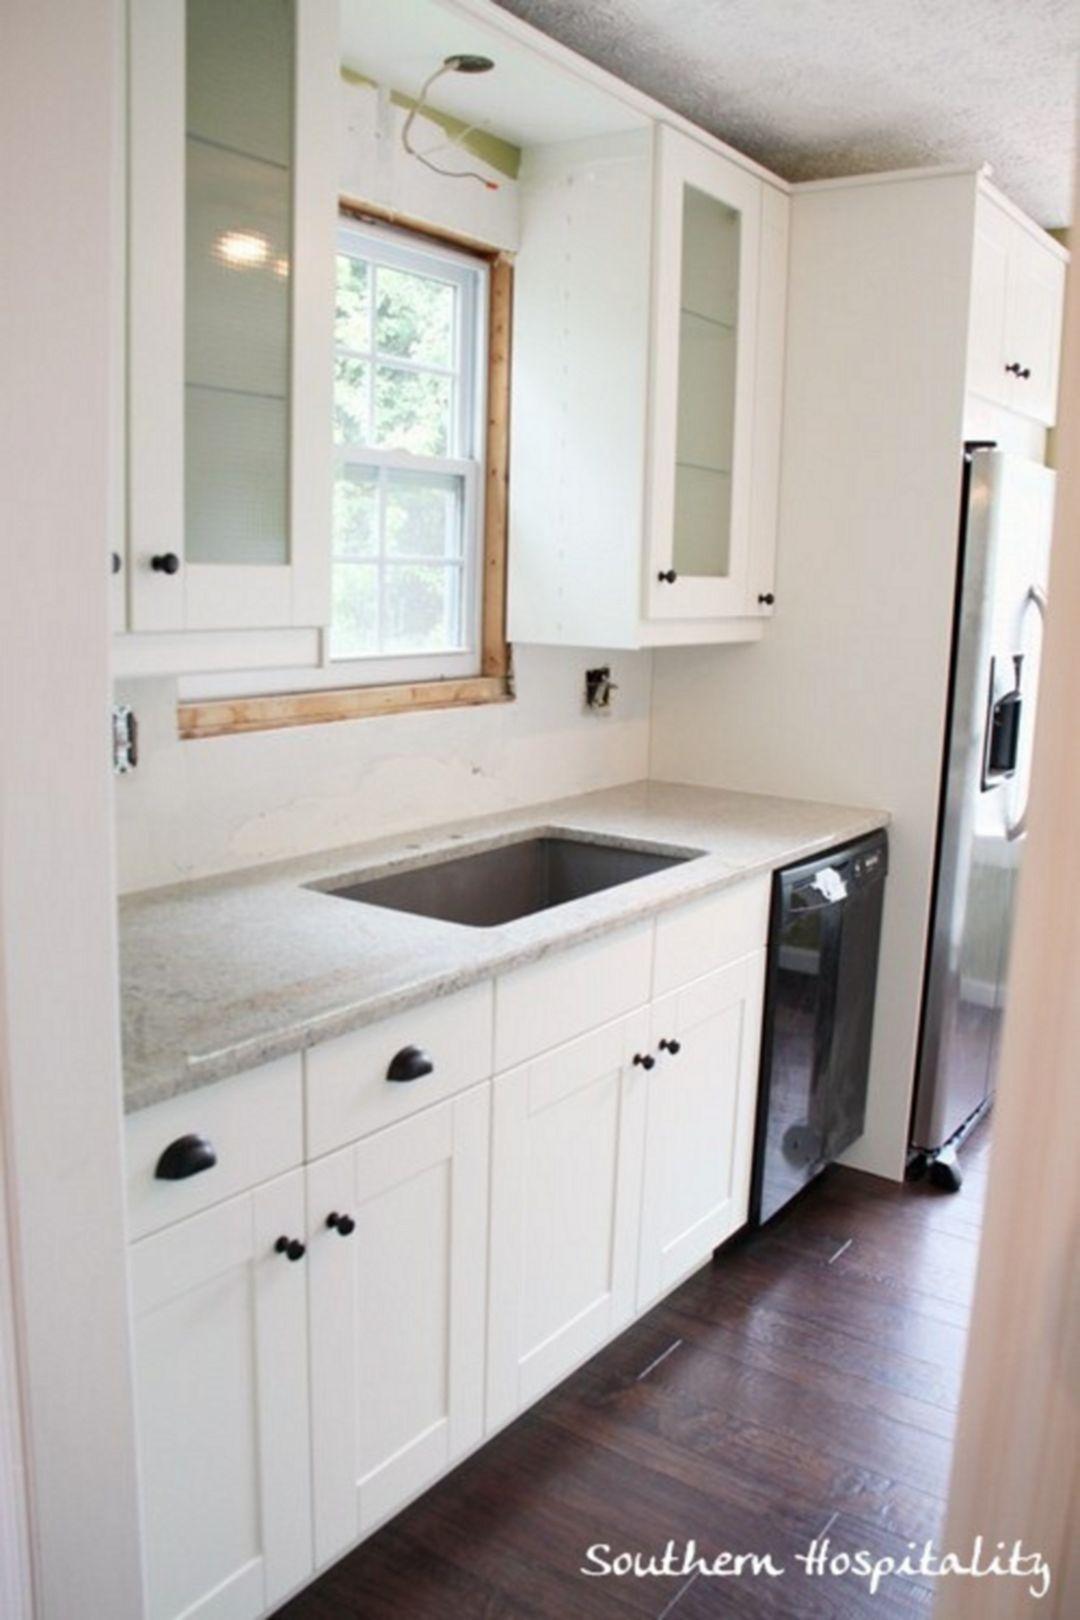 Ikea Kitchen Ideas 118 Kitchen Pantry Cabinet Ikea Tall Kitchen Pantry Cabinet Discount Kitchen Cabinets